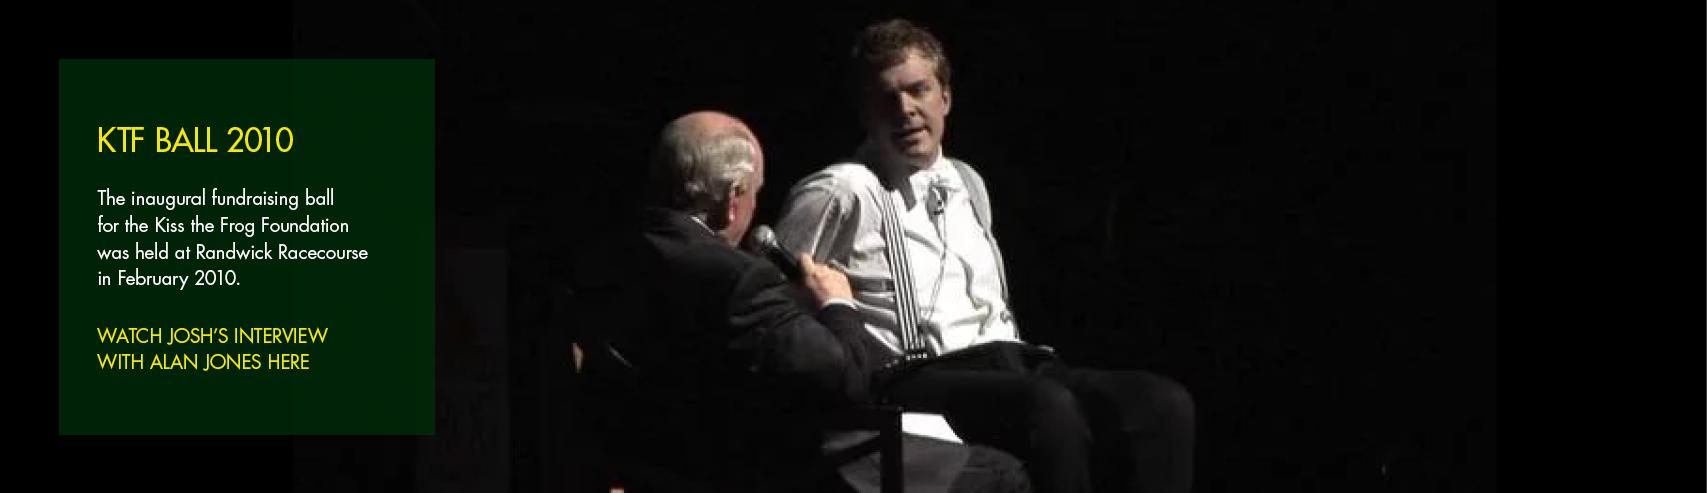 Alan Jones Interview at KTF Ball 2010